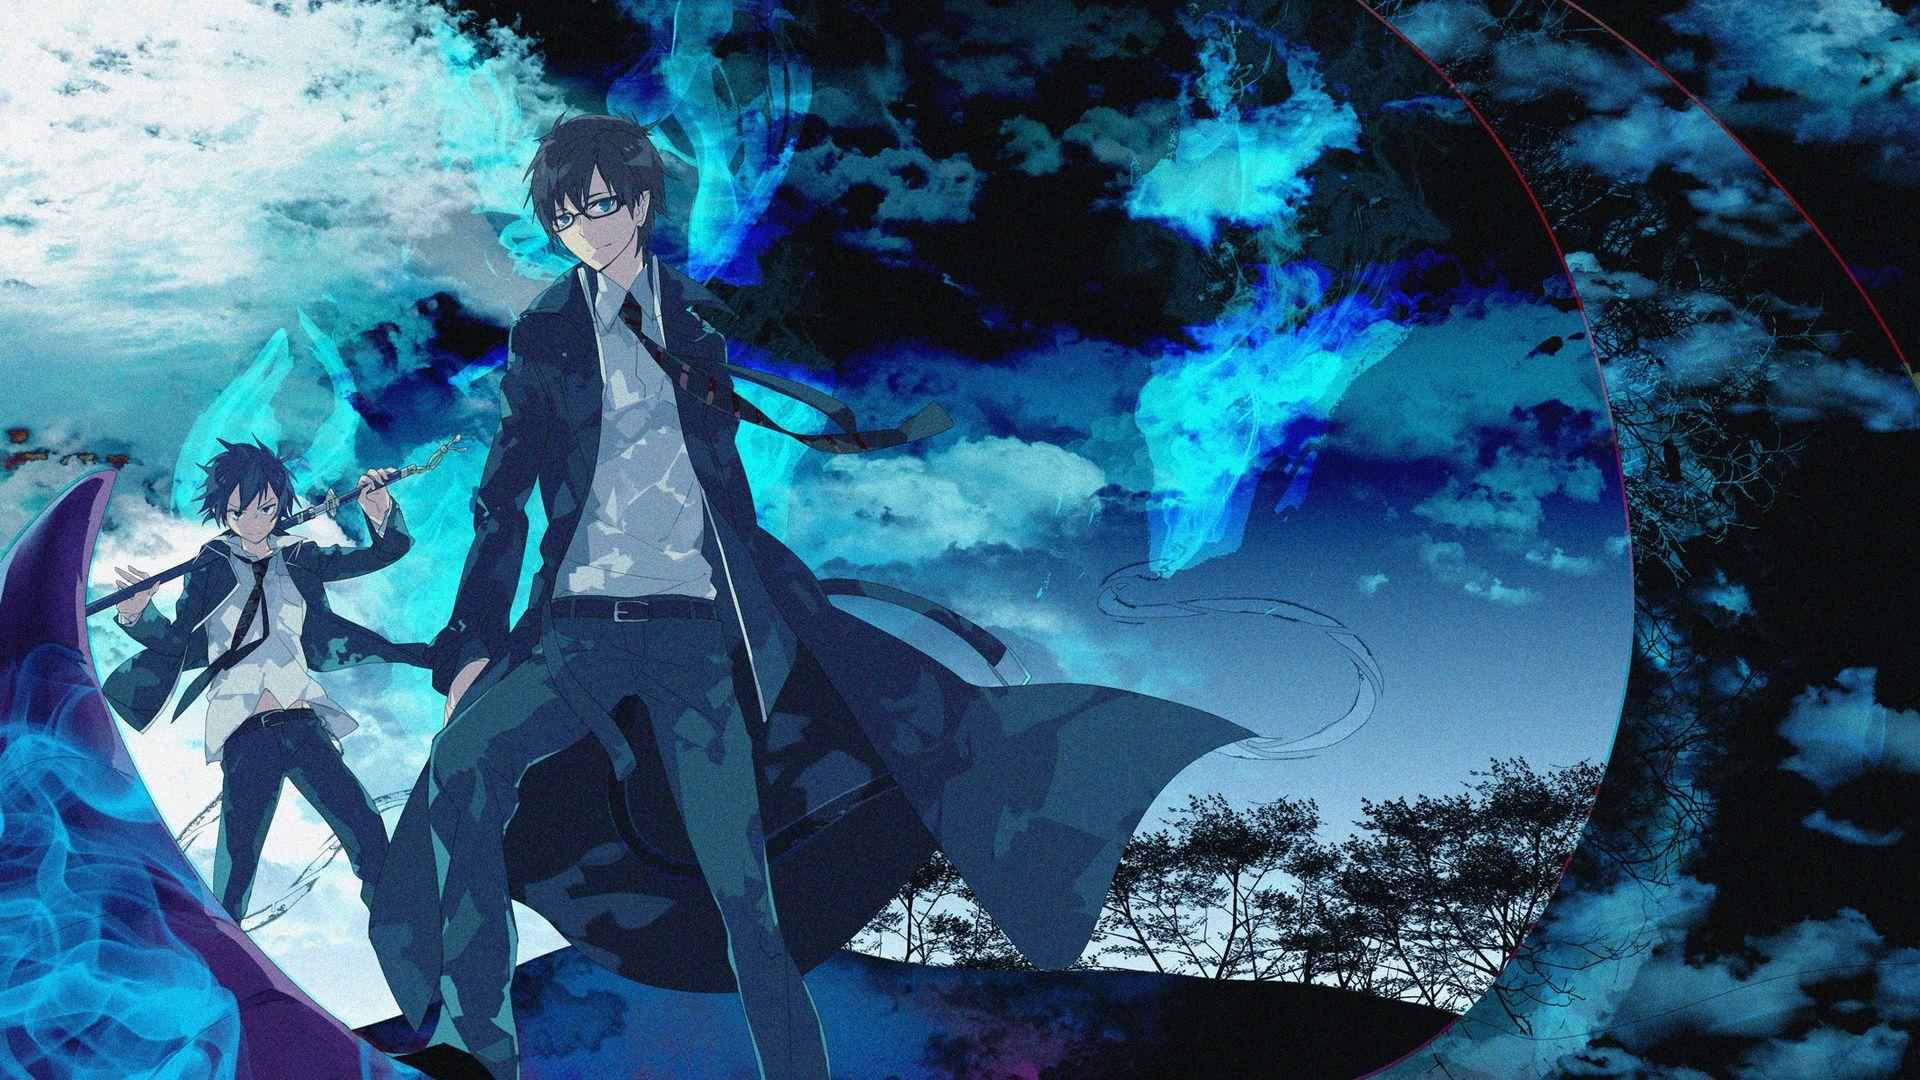 Blue Exorcist Rin Demon Form Wallpapers Bozhuwallpaper Blue